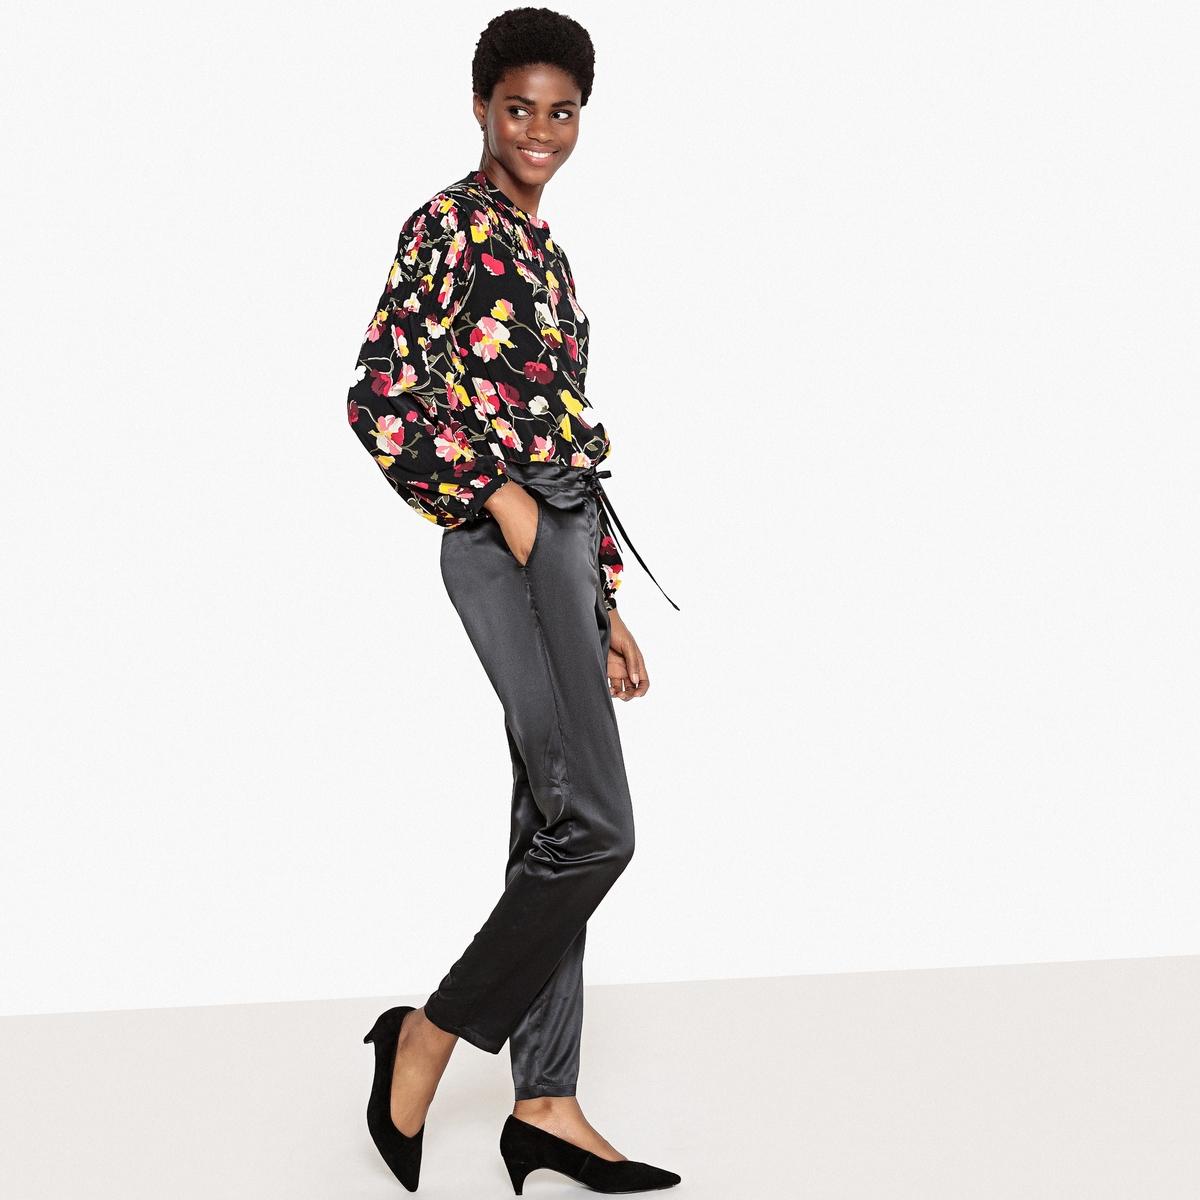 Macacão 2 em 1, camisa estampada/calças